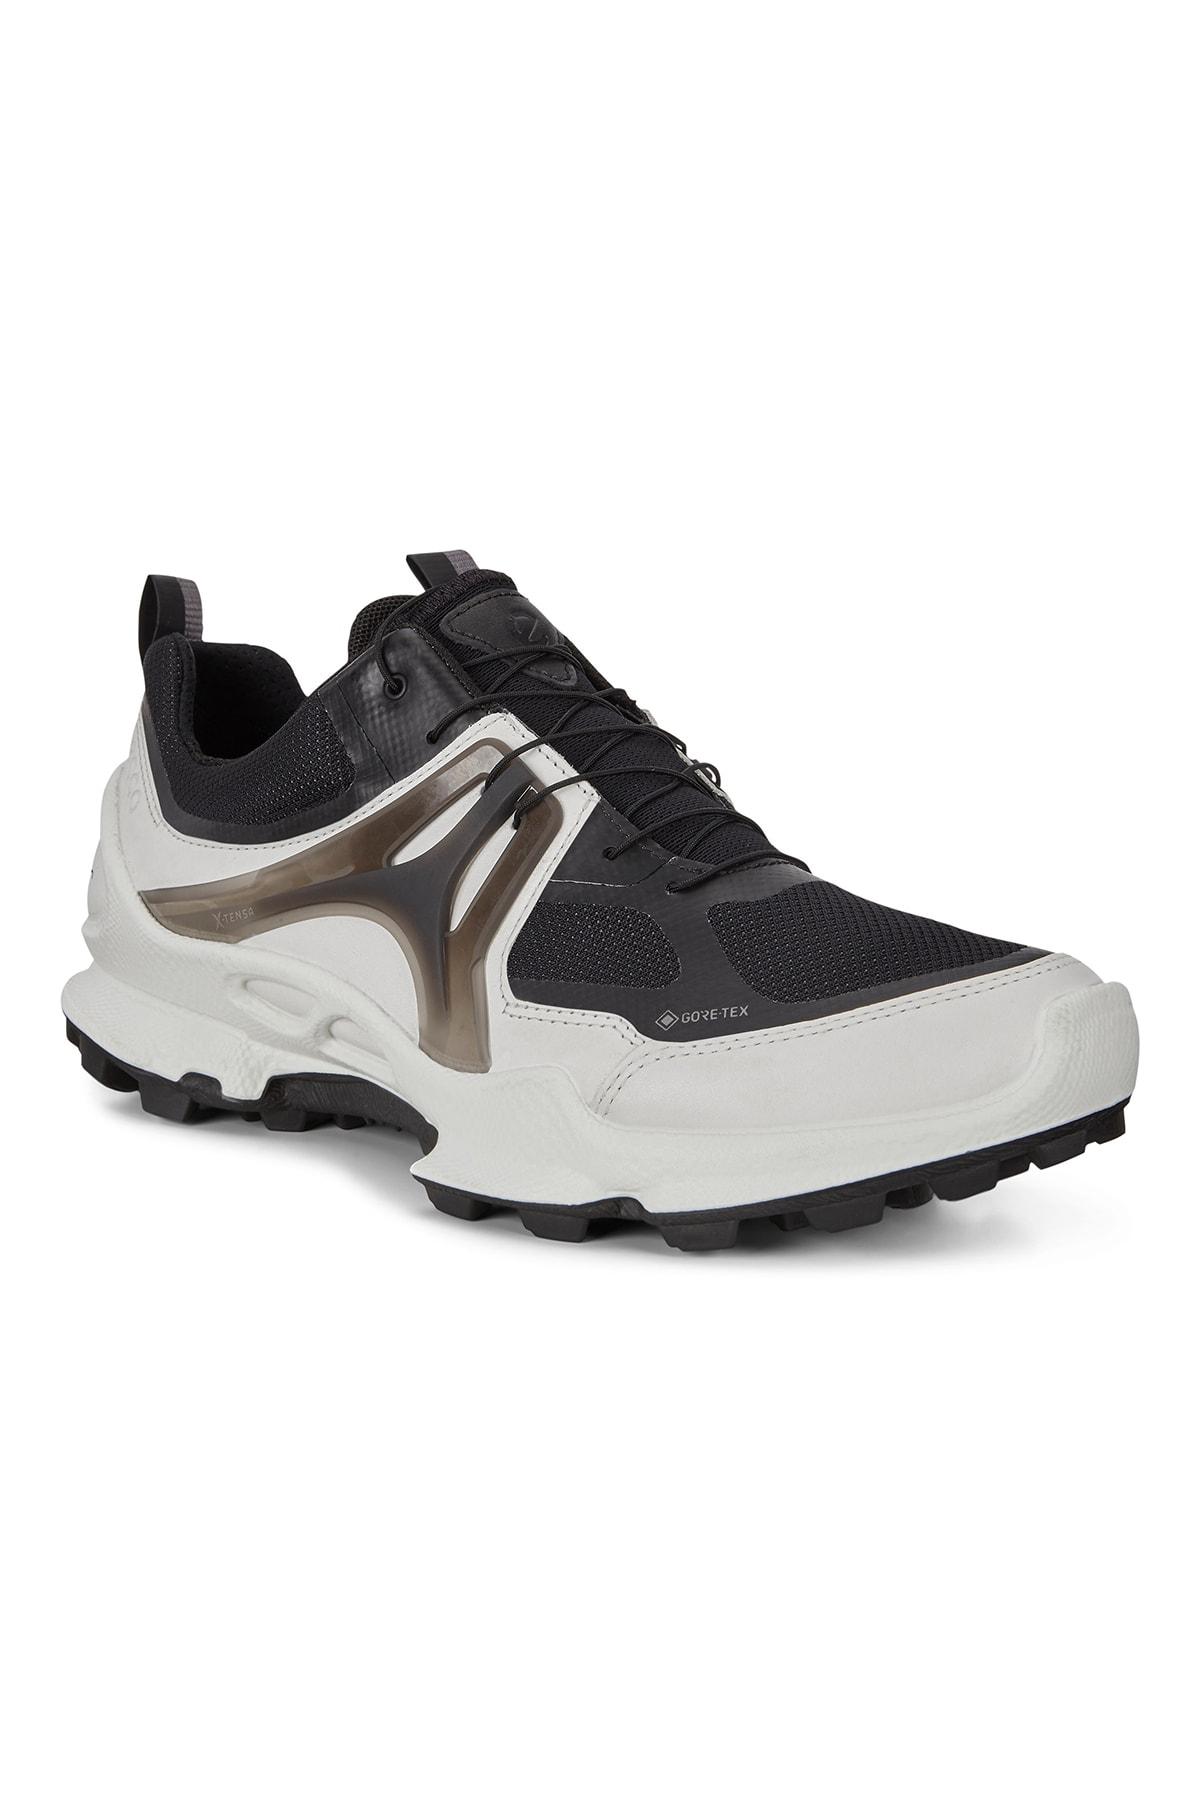 Ecco Erkek Yürüyüş Ayakkabısı Biom C-Trail M White/Black Multi Color 803114  | Trendyol